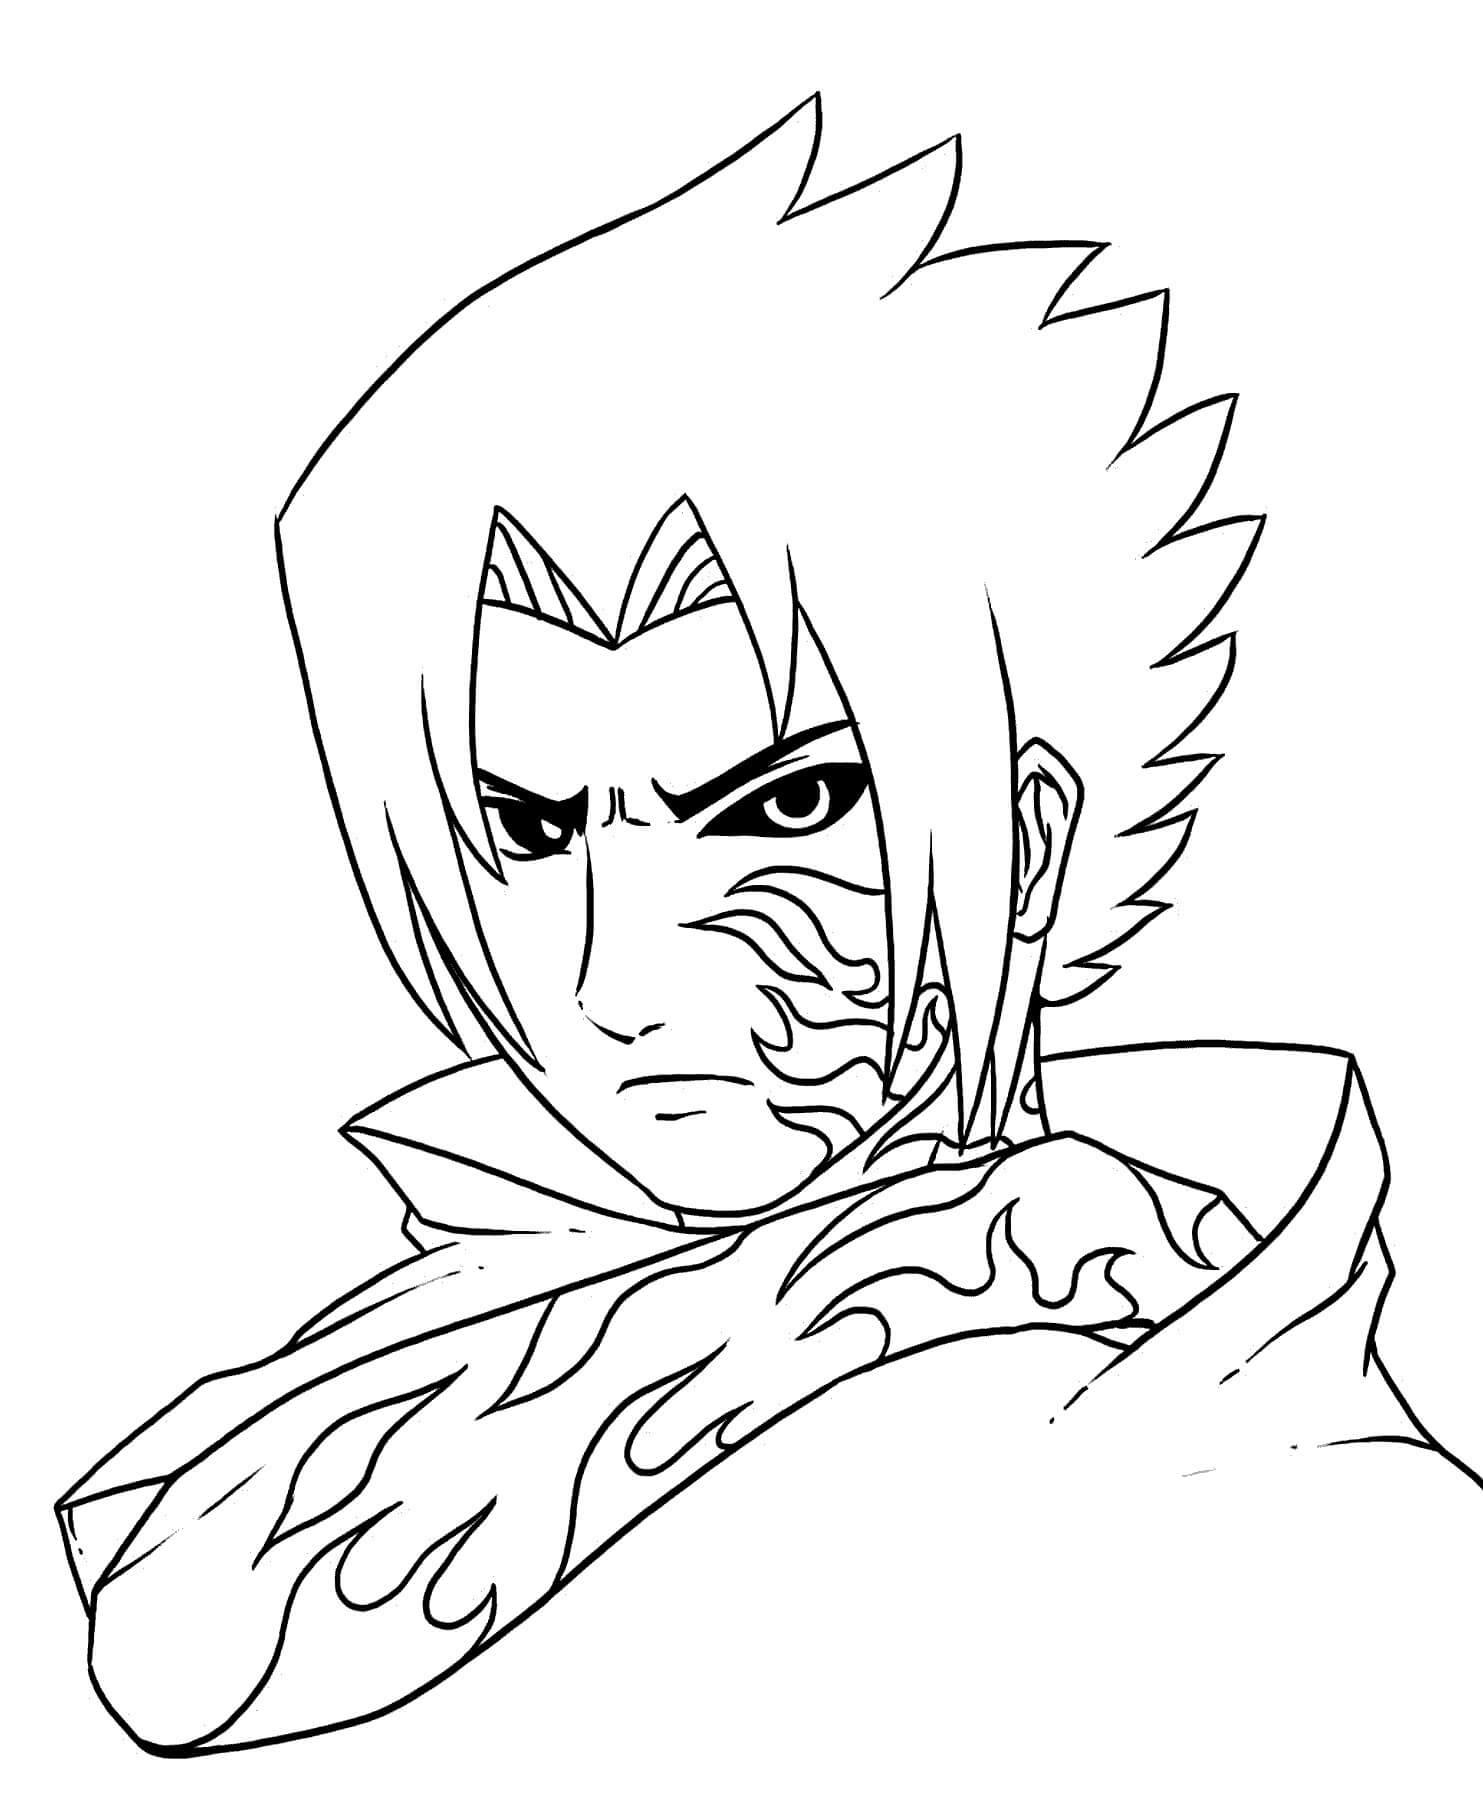 Sasuke Se Tornou Demônio